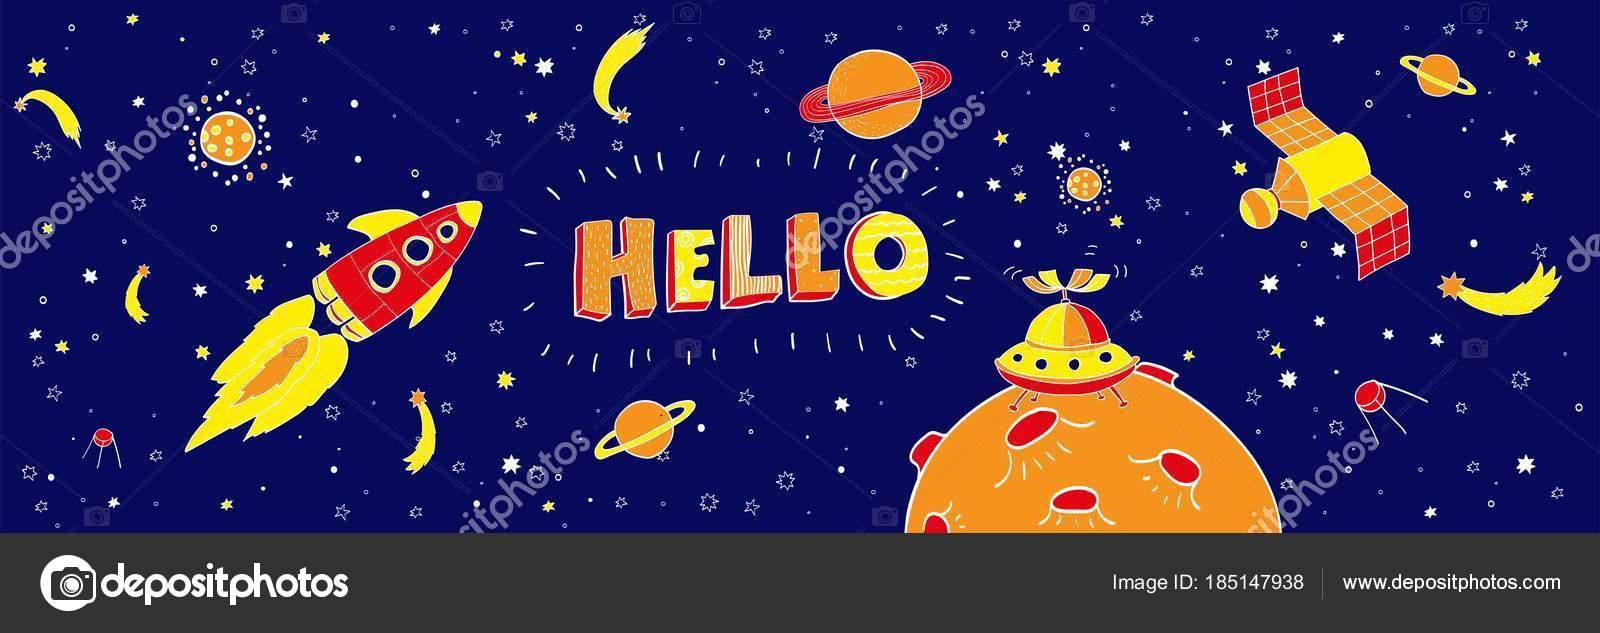 Kinderzimmer Poster Mit Hand Gezeichneten Buchstaben Hallo Vektor